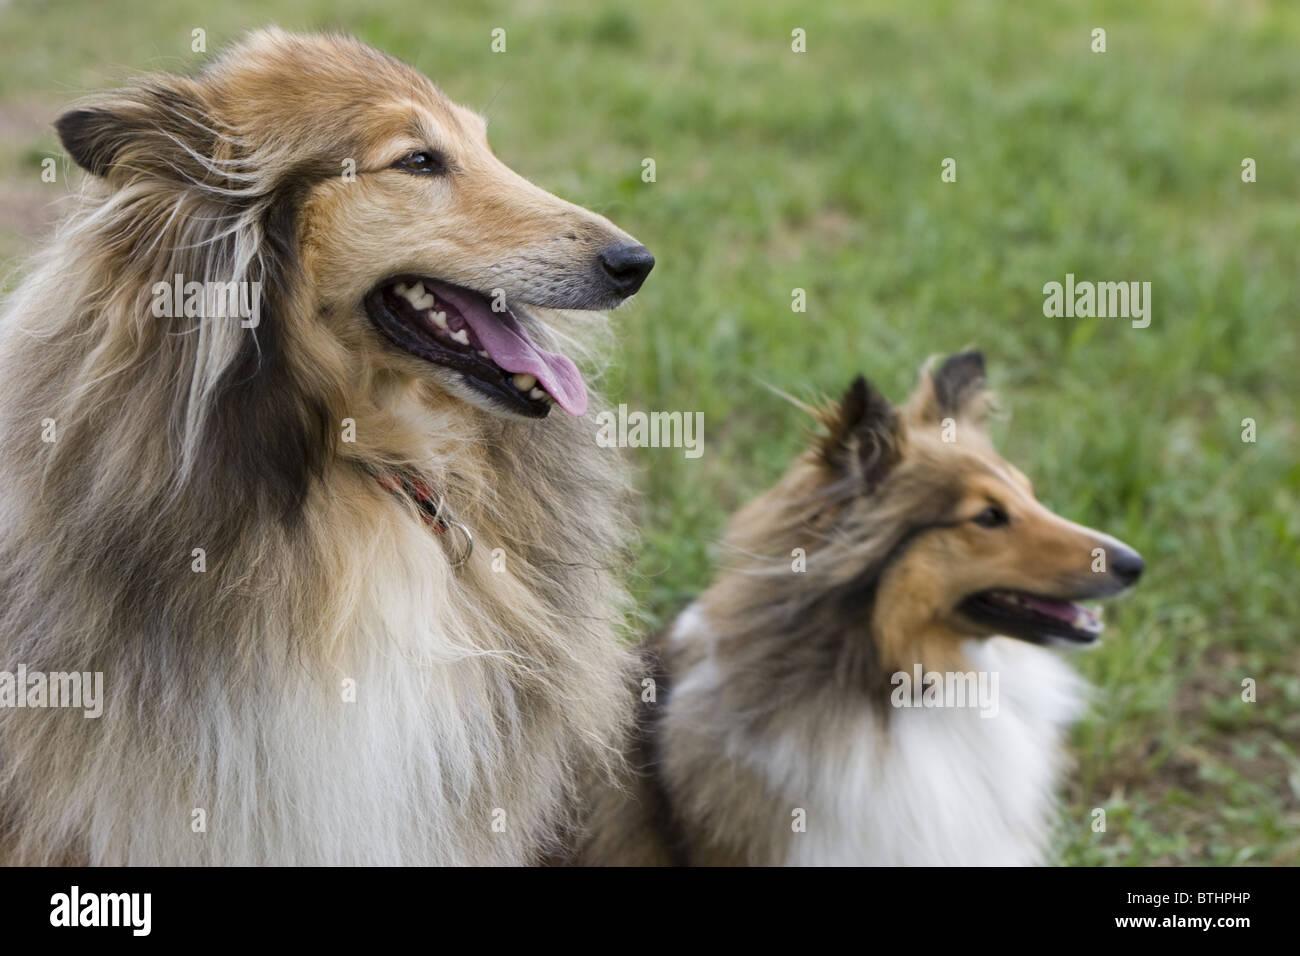 También llamado Long-Haired Rough Collie Collie, un largo revestido de raza de perro de tamaño mediano Imagen De Stock